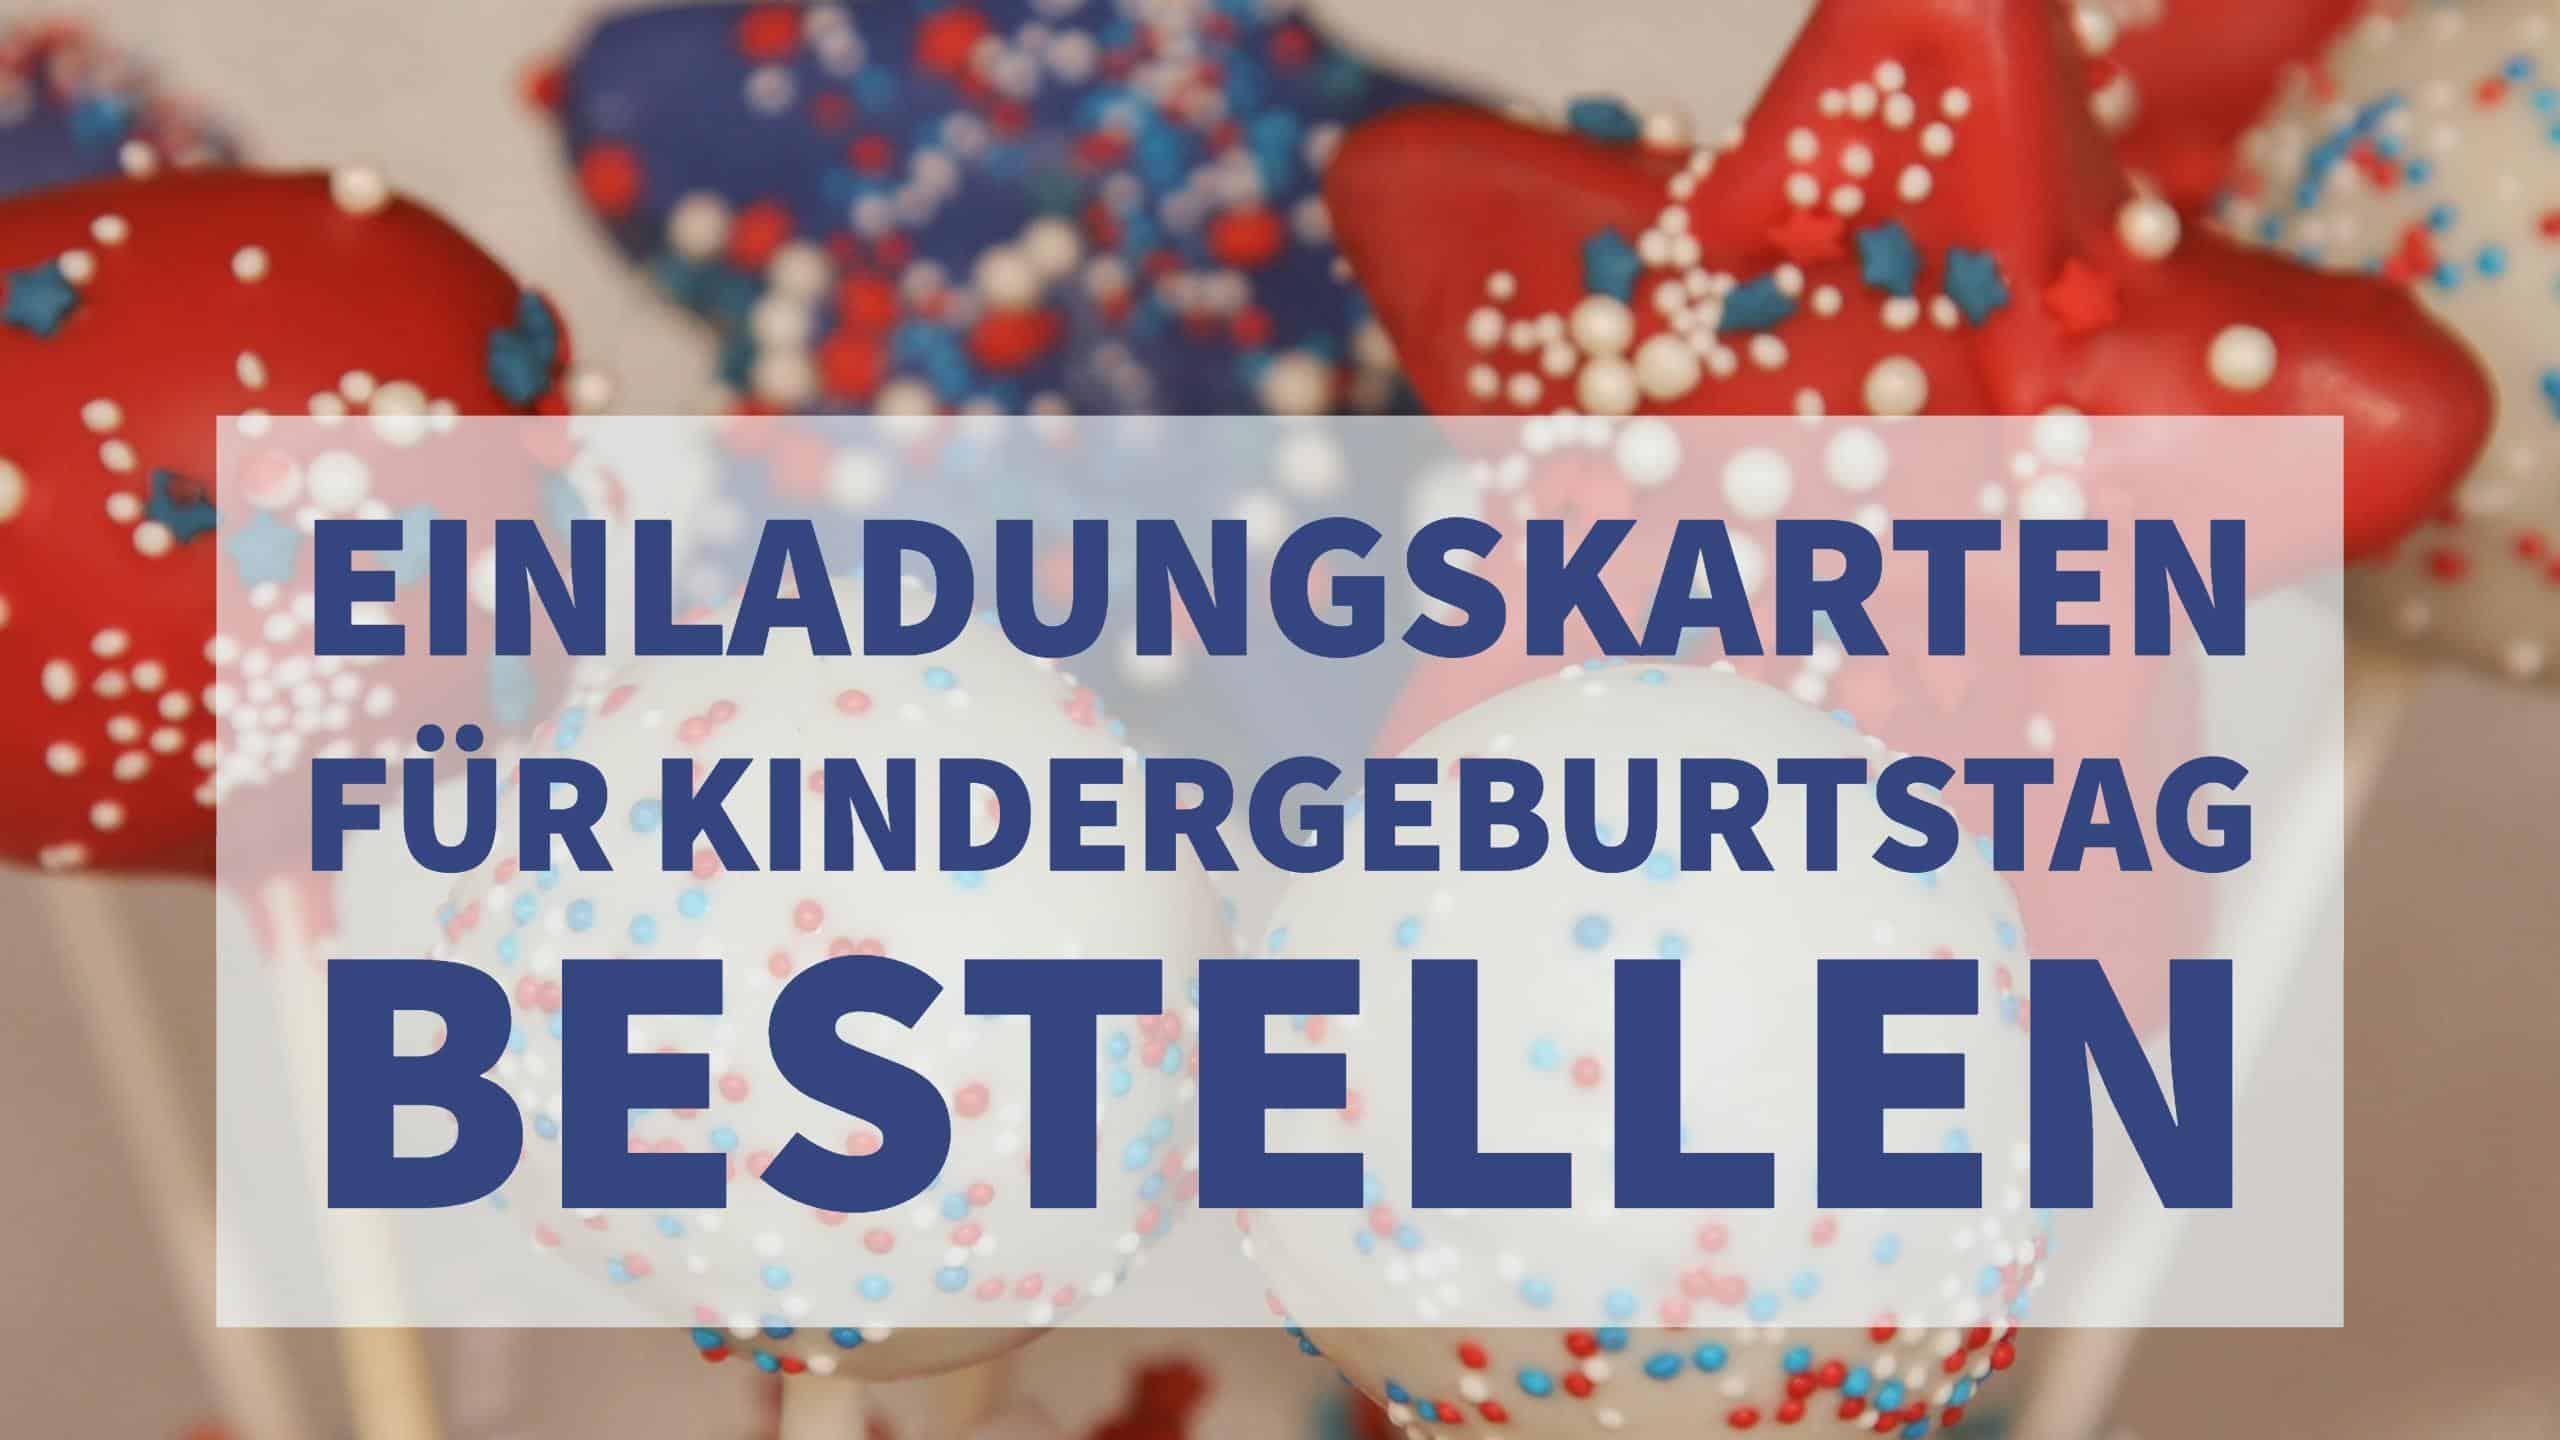 Einladungskarten Für Kindergeburtstag Bestellen, Günstig Online, Kreative  Einladungen